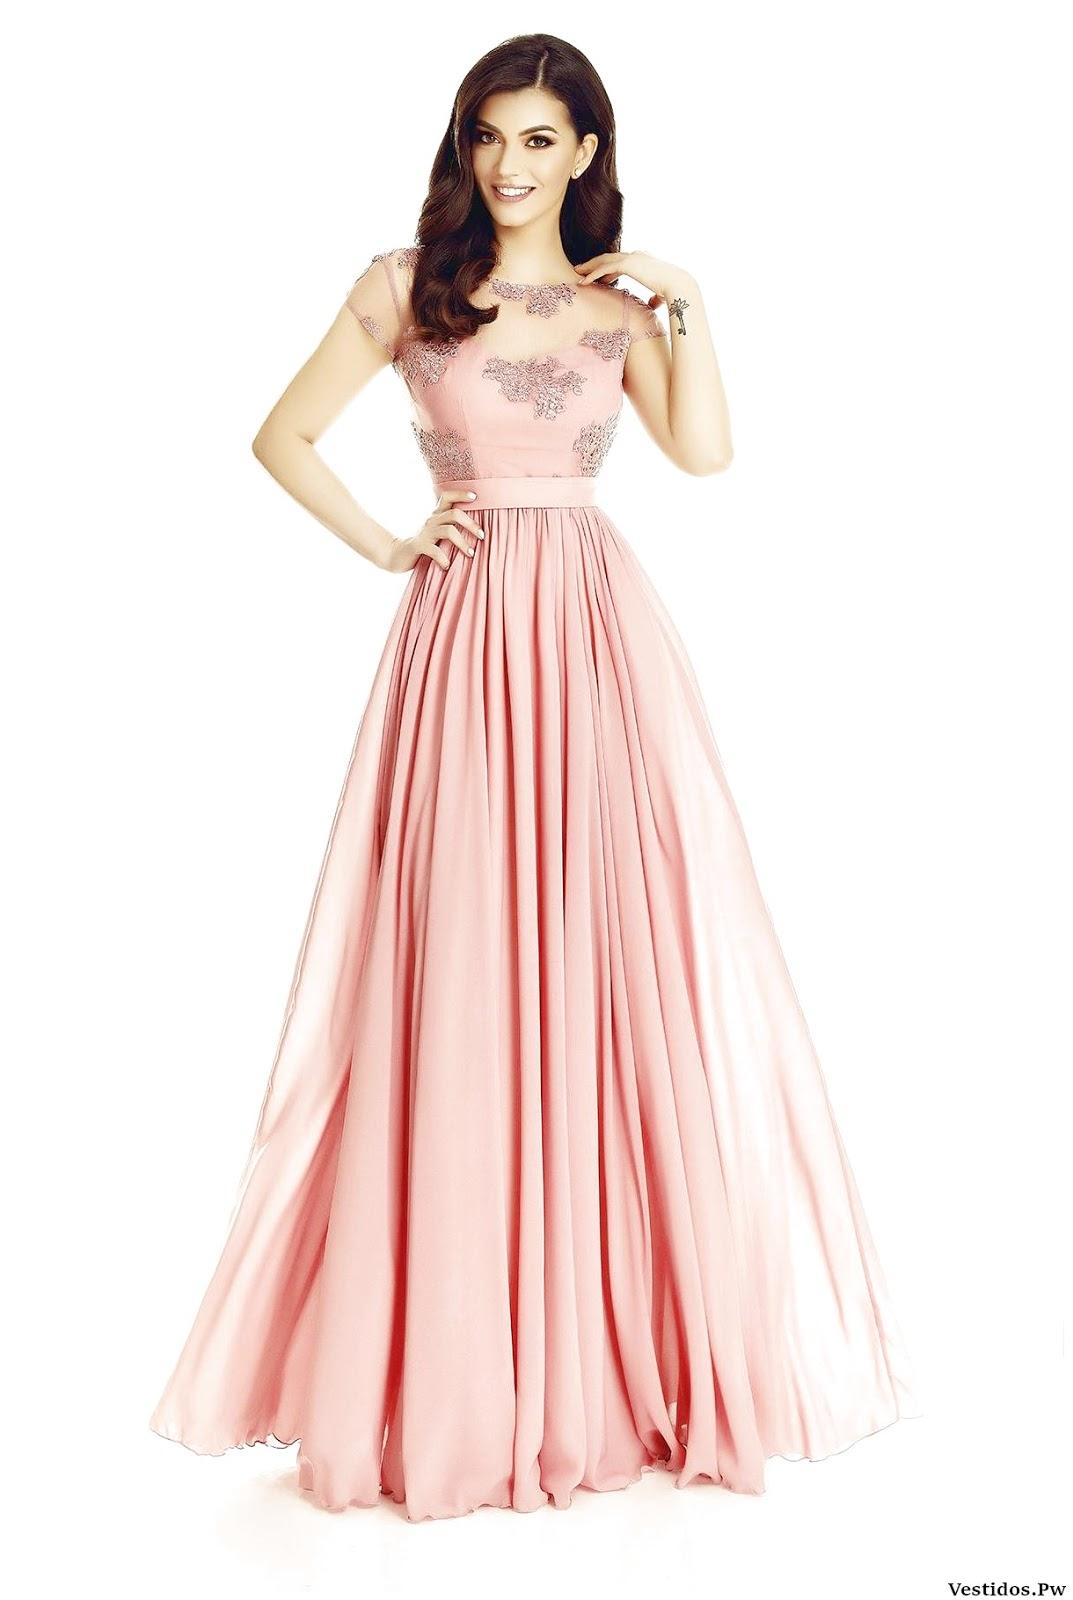 Moderno Vestido Vestido De Gala Composición - Colección de Vestidos ...